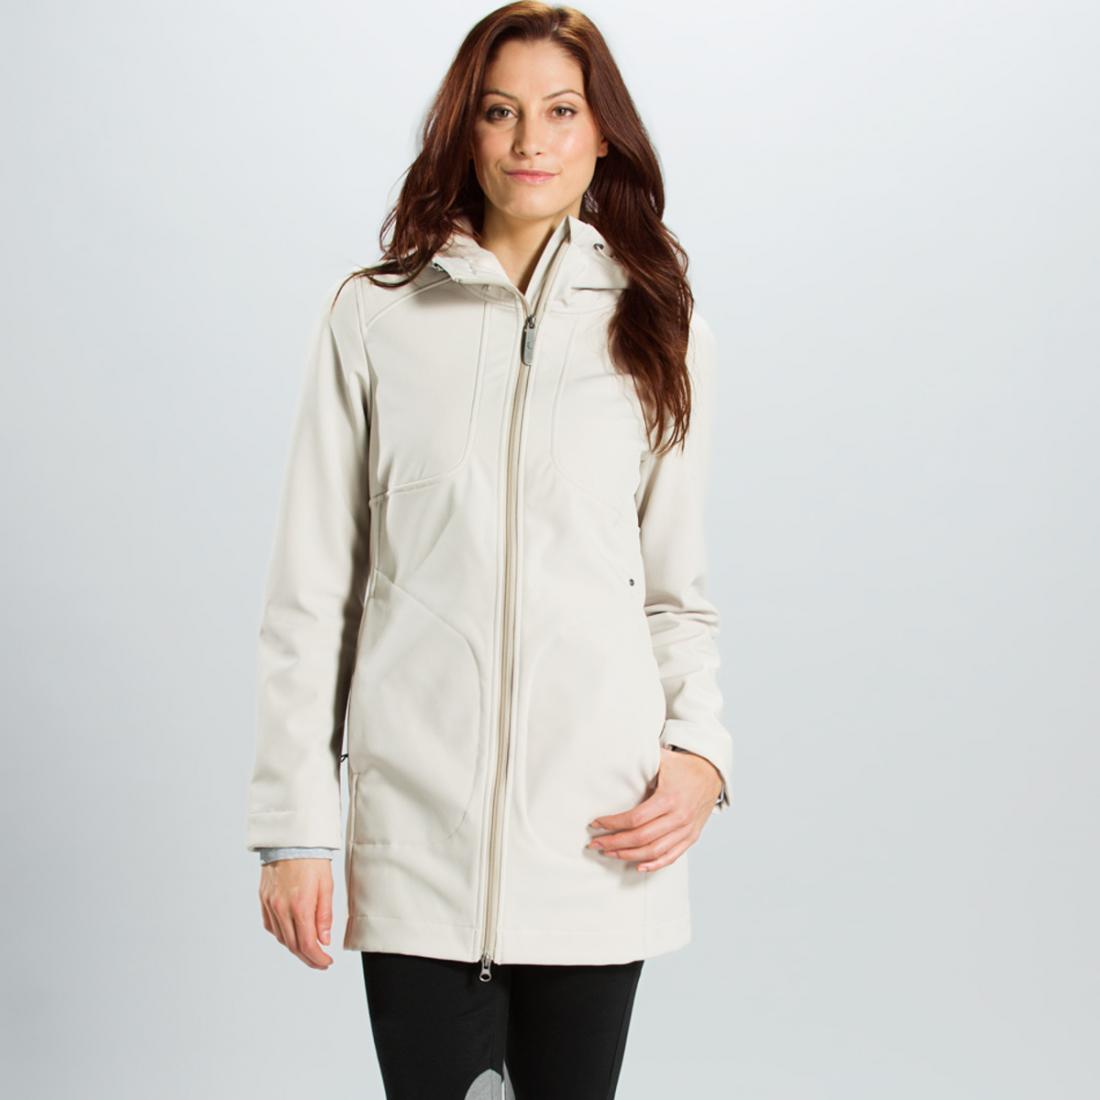 Куртка LUW0197 MUSE JACKETКуртки<br><br> Практичная вещь для межсезонья – куртка Muse отличается мягким подкладом, приятным на ощупь. Мембранная пропитка защитит от дождя и ветра, что является обязательным требованиям к вещам для осени и весны.<br><br><br><br><br>Плащ с фронталь...<br><br>Цвет: Белый<br>Размер: XS